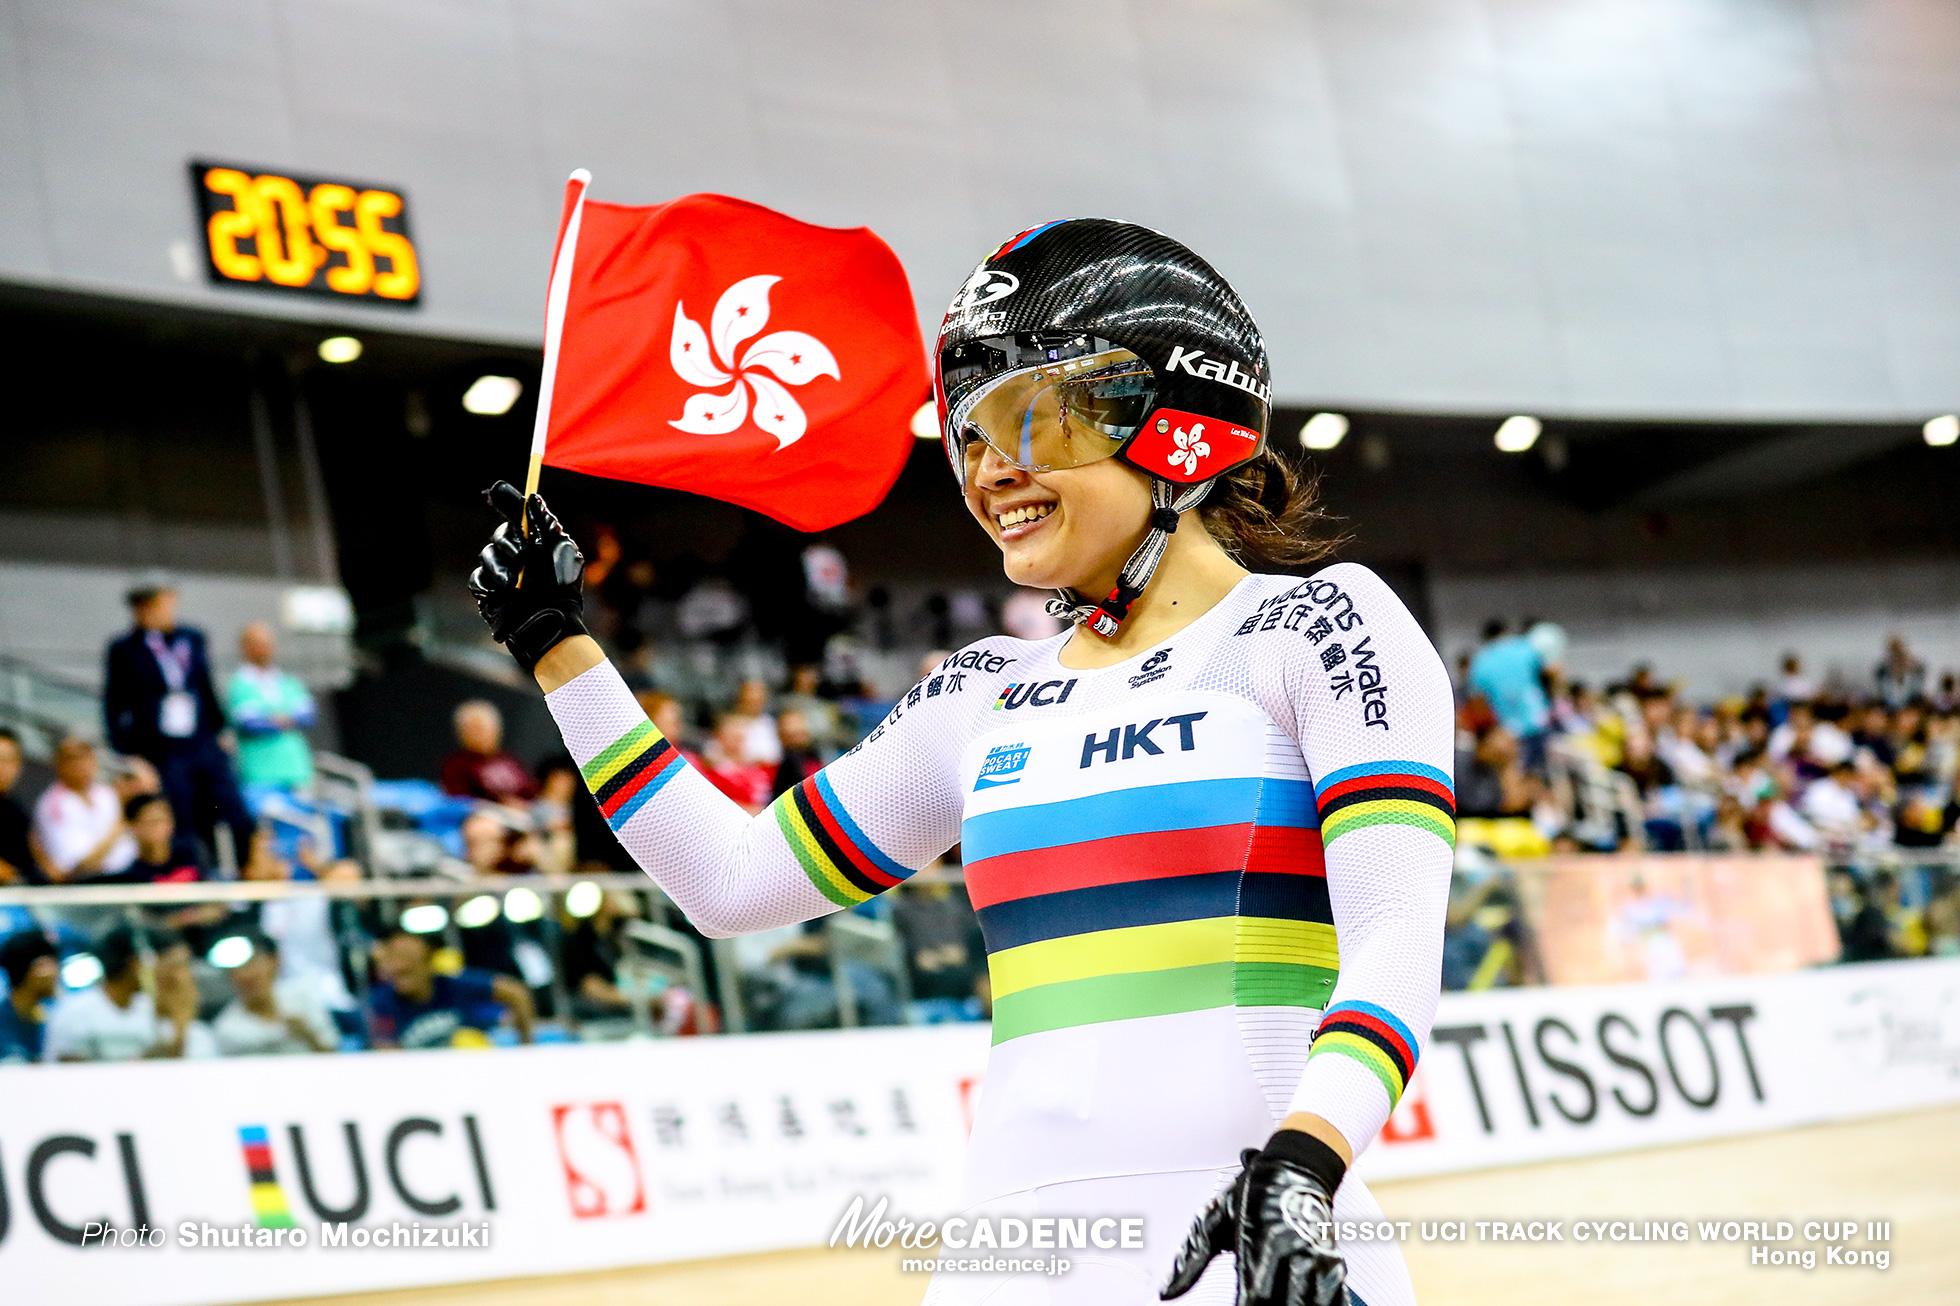 Final / Women's Sprint / TISSOT UCI TRACK CYCLING WORLD CUP III, Hong Kong, LEE Wai Sze リー・ワイジー 李慧詩